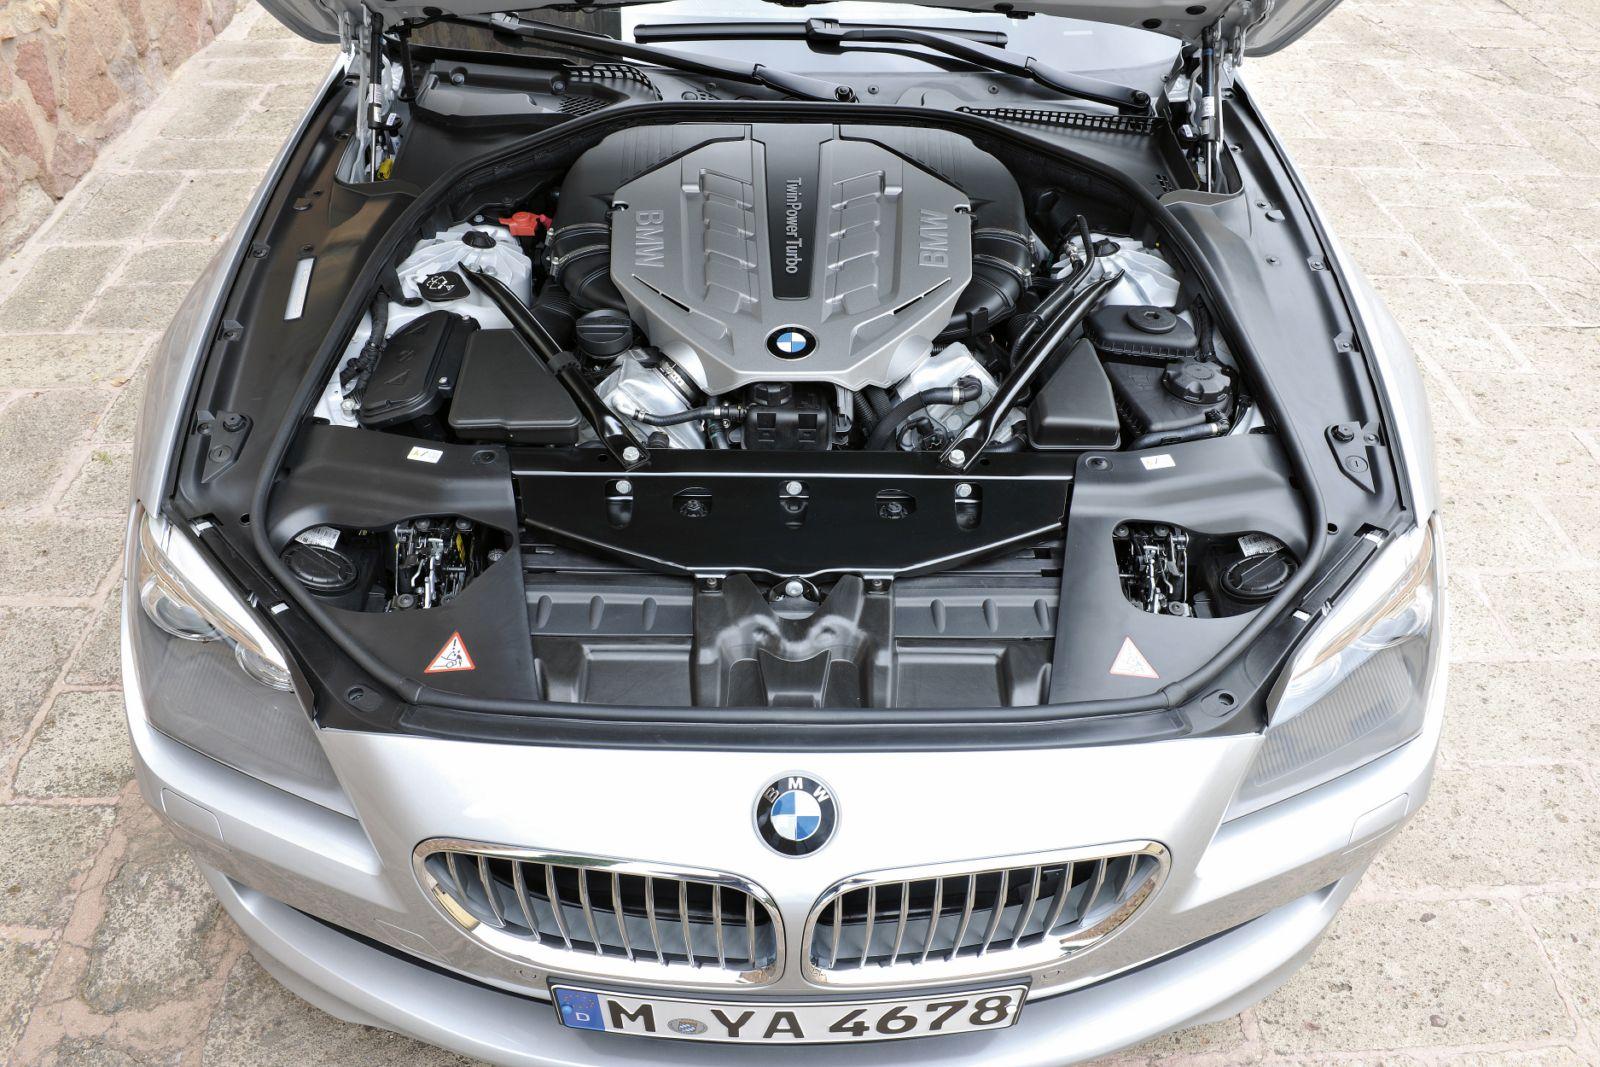 BMW V8 petrol engine with